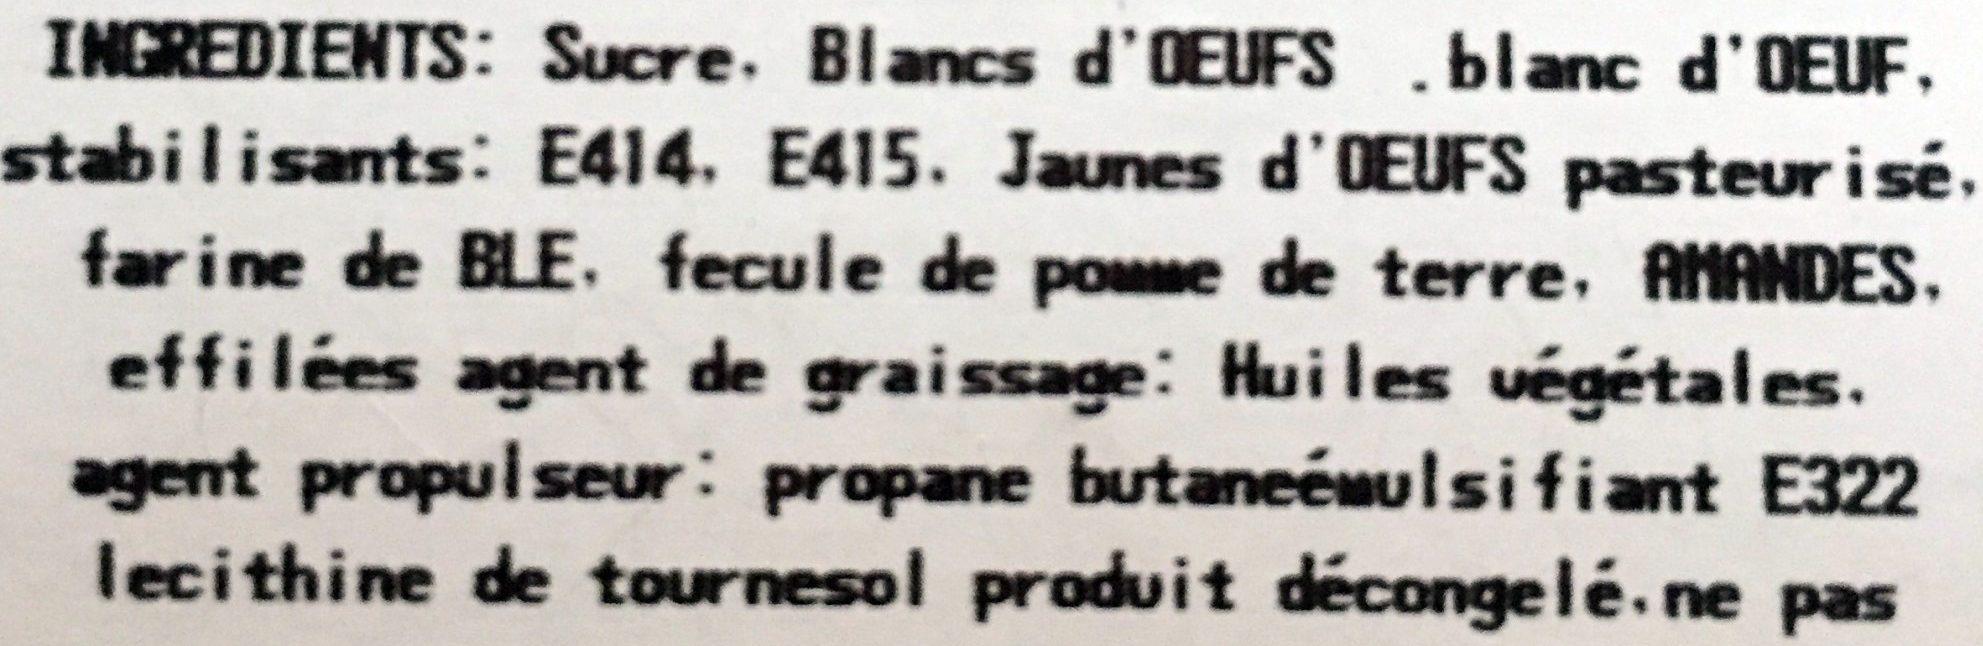 Biscuit de Savoie - Ingrédients